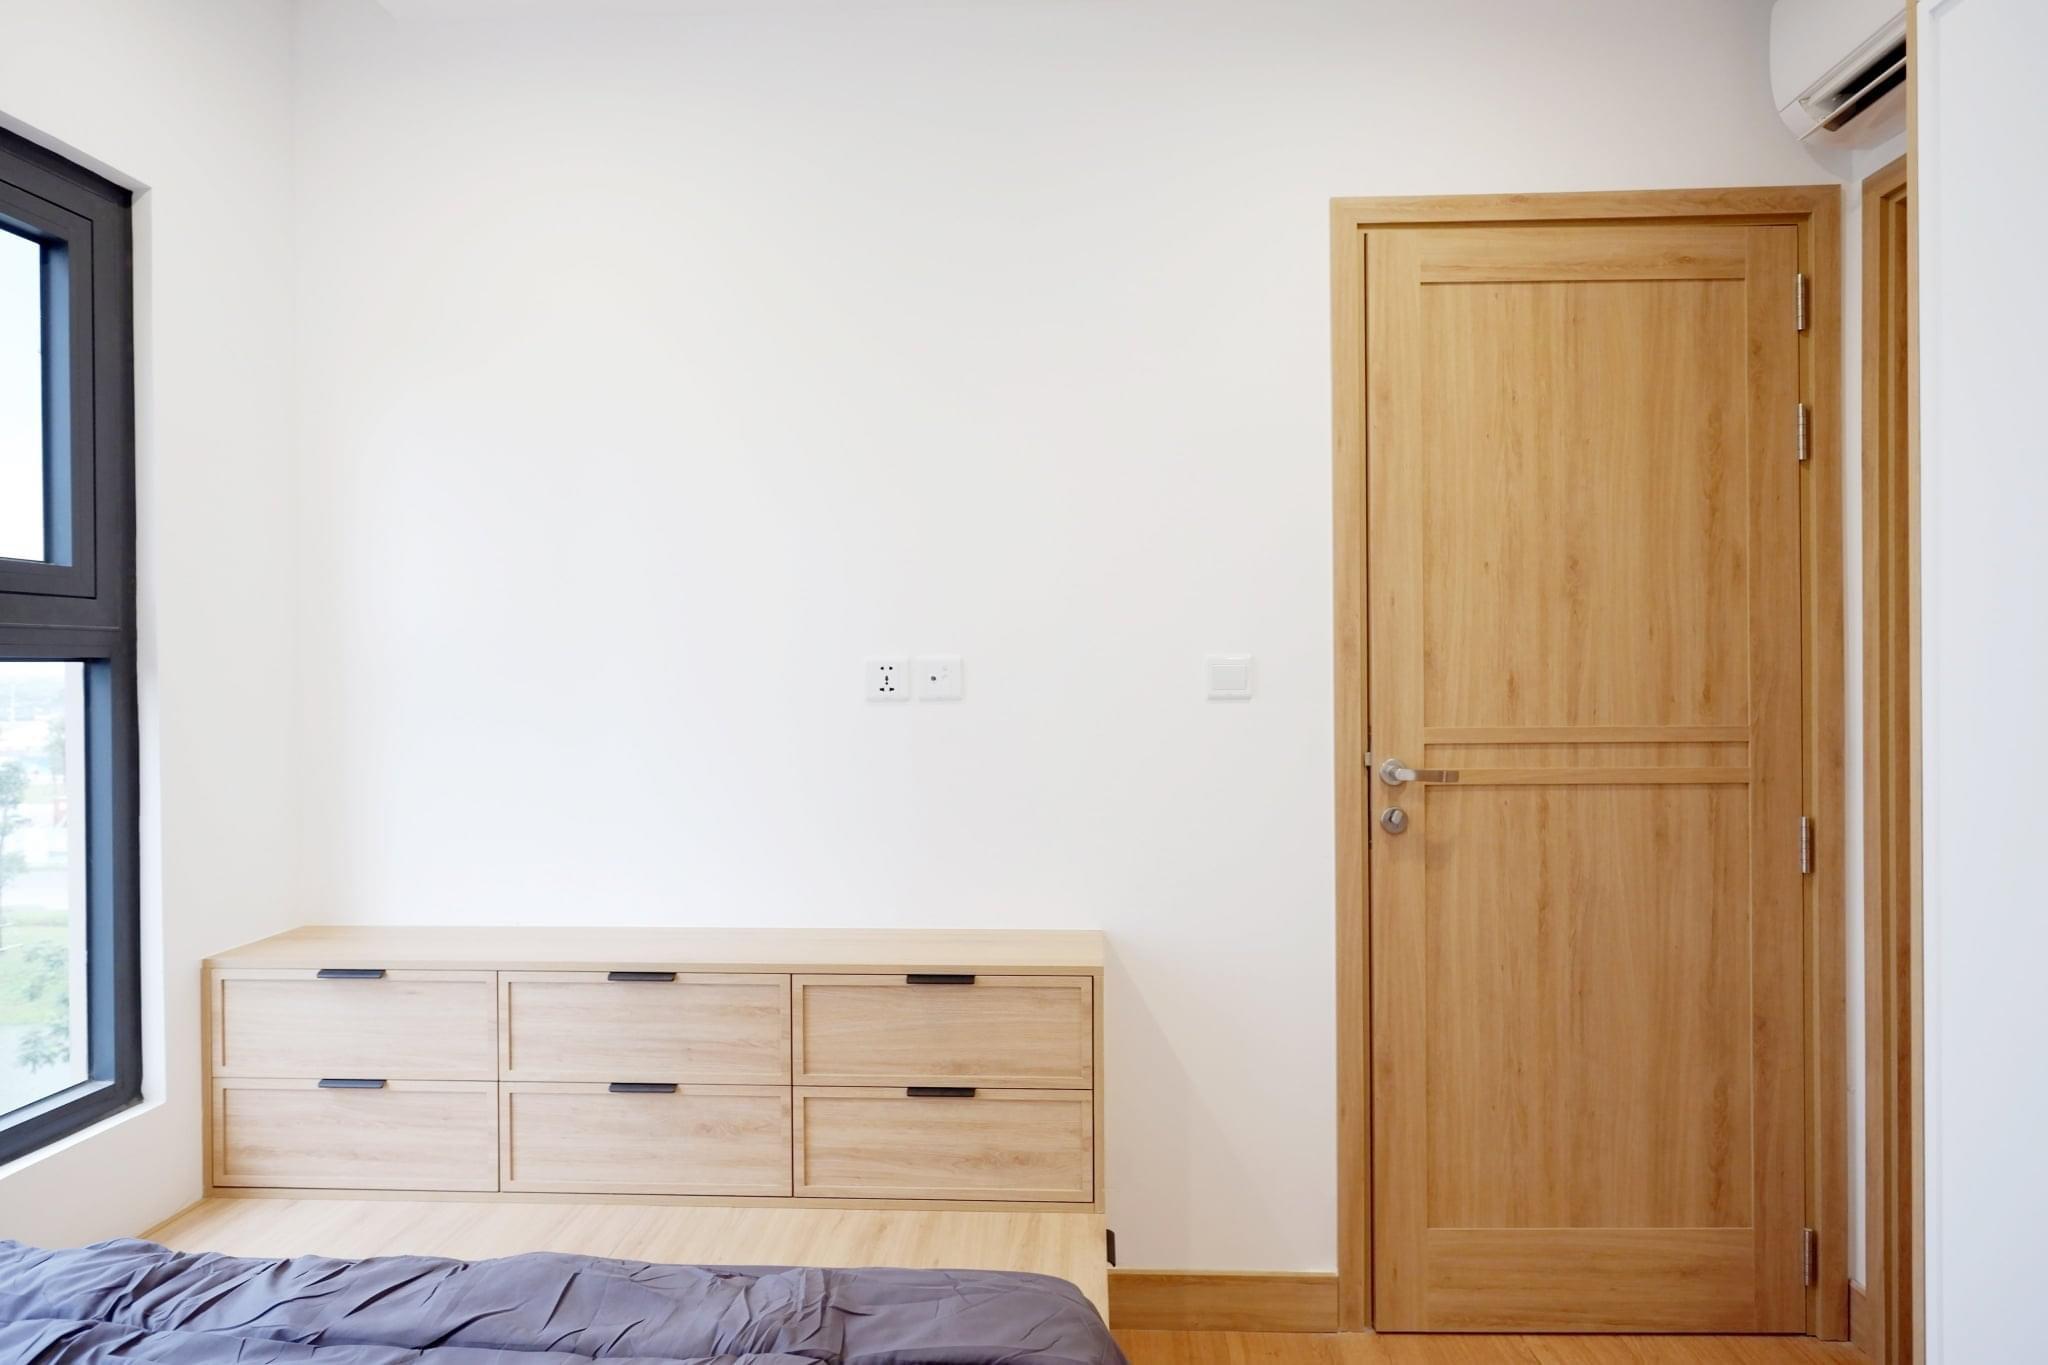 Căn hộ 3 phòng ngủ toà S5.01 Vinhomes Grand Park 11tr/tháng 5